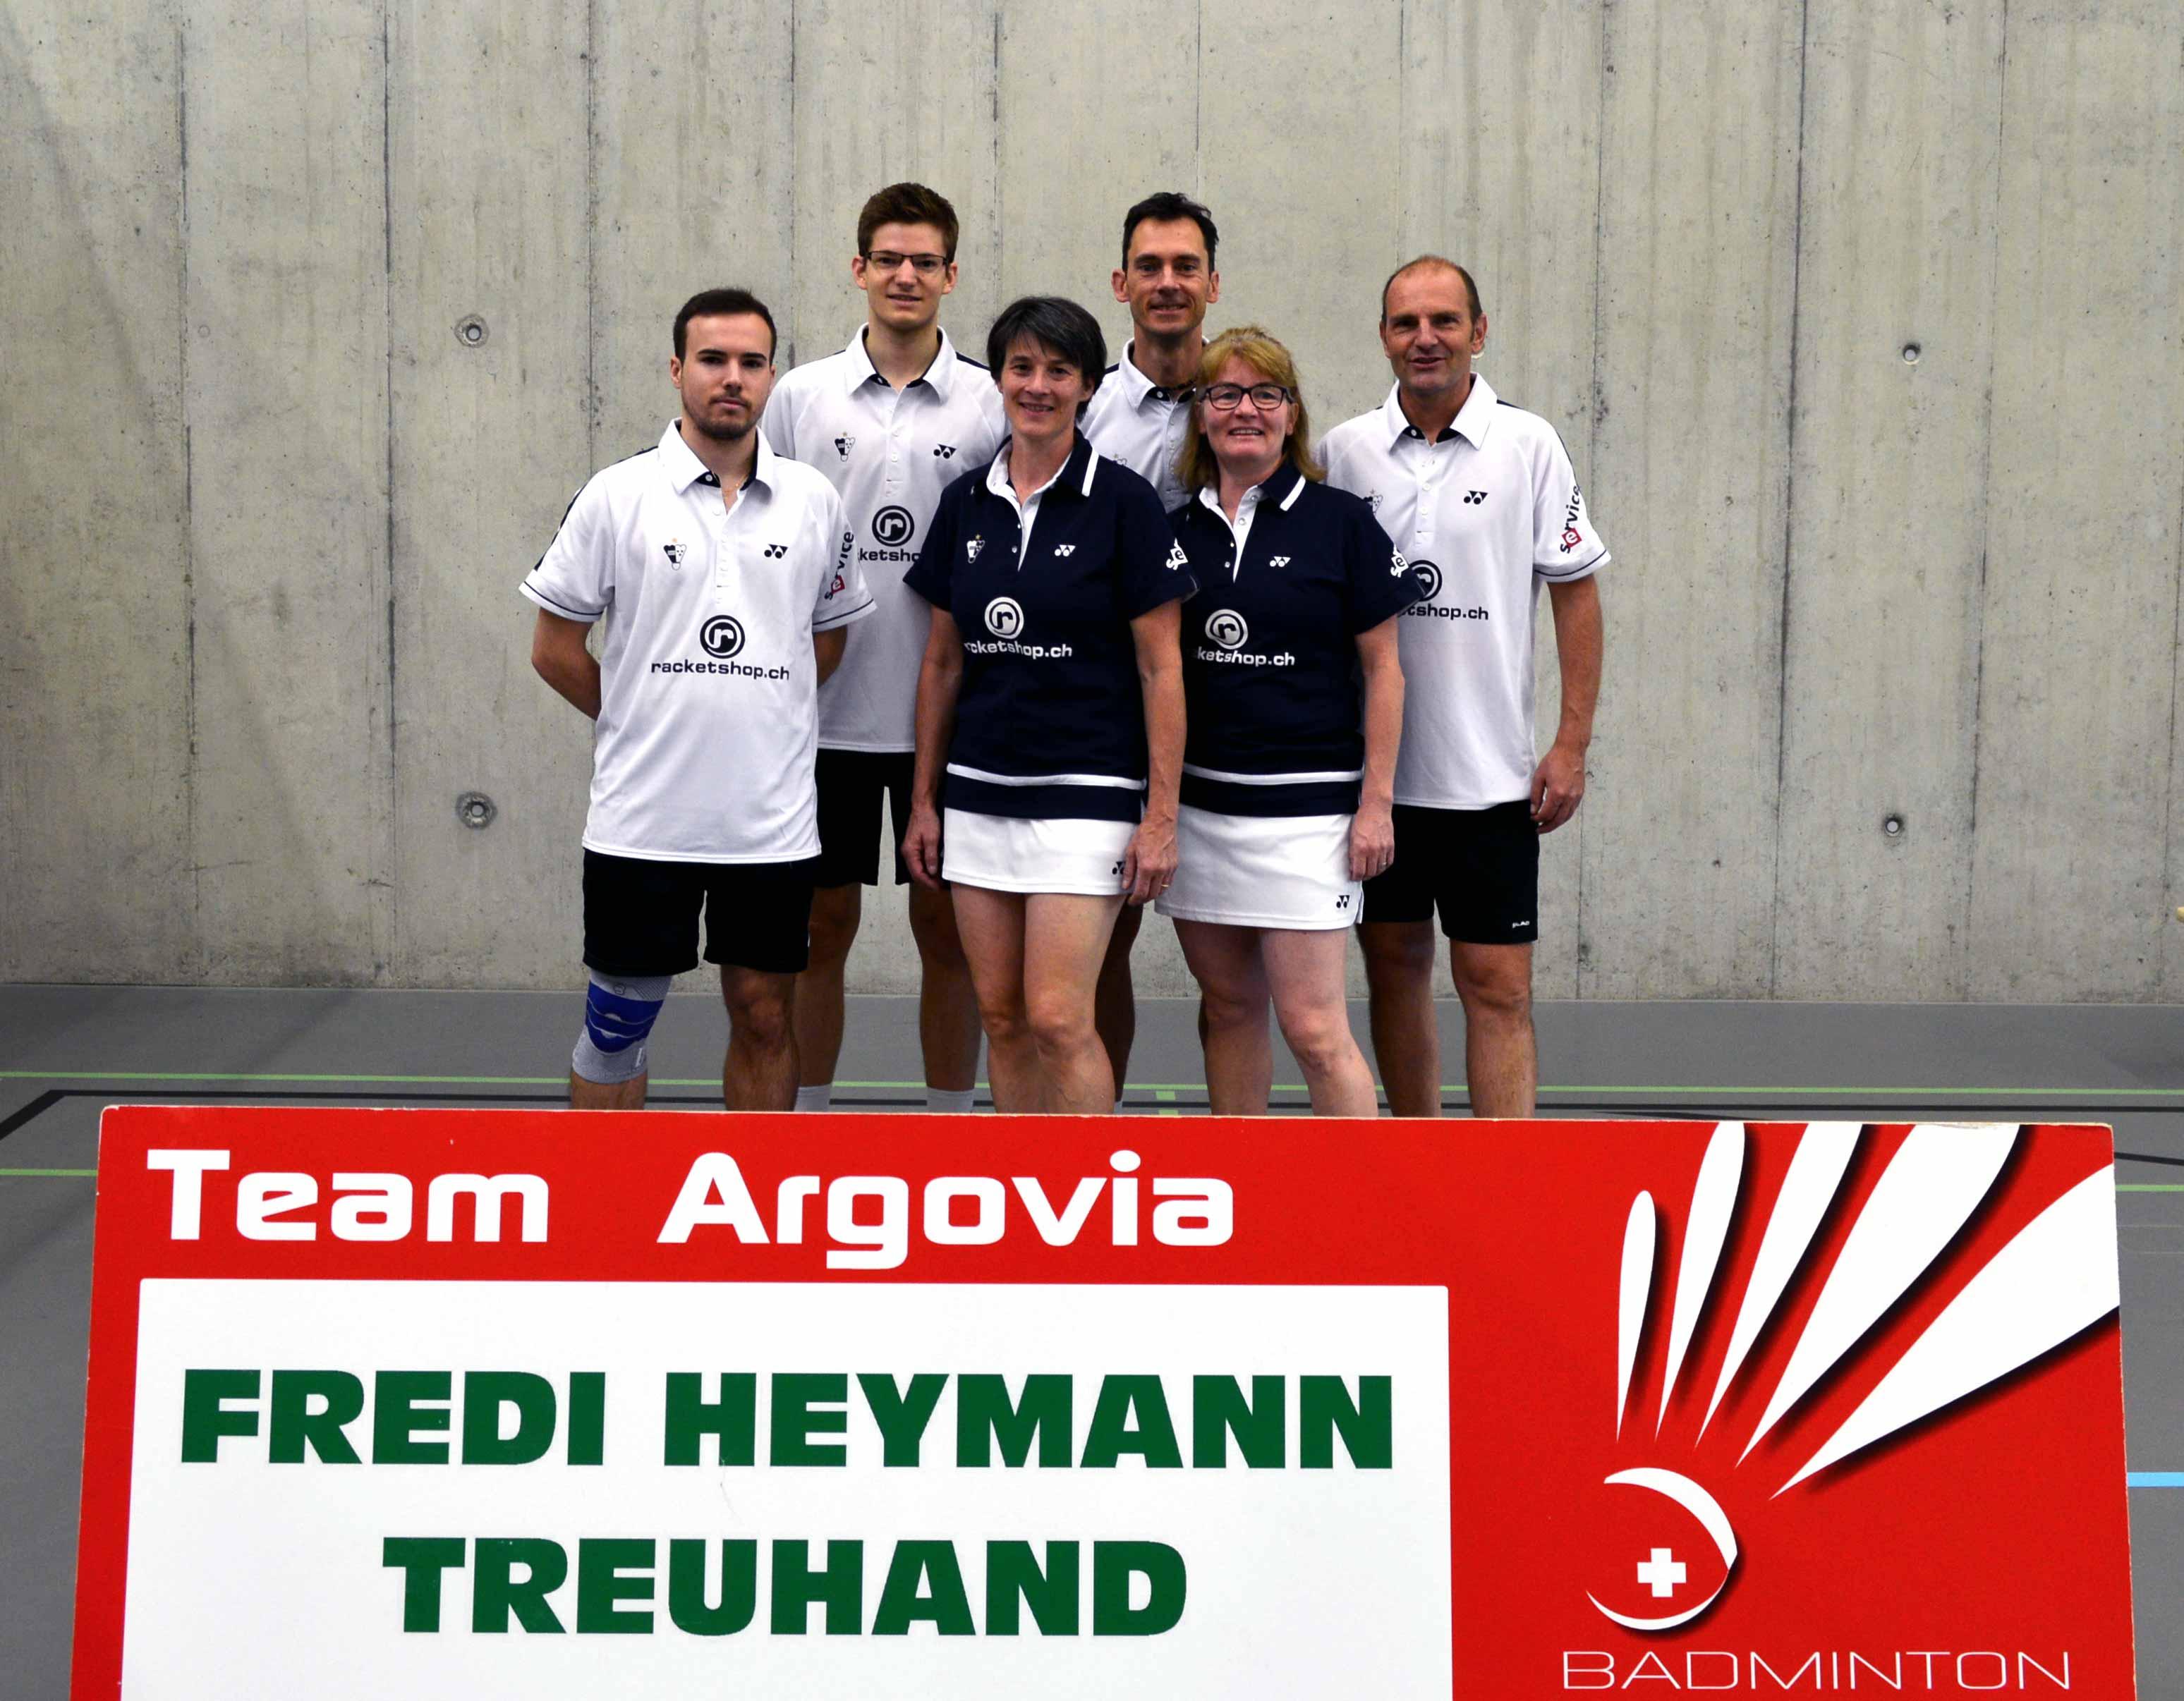 Team Argovia 3